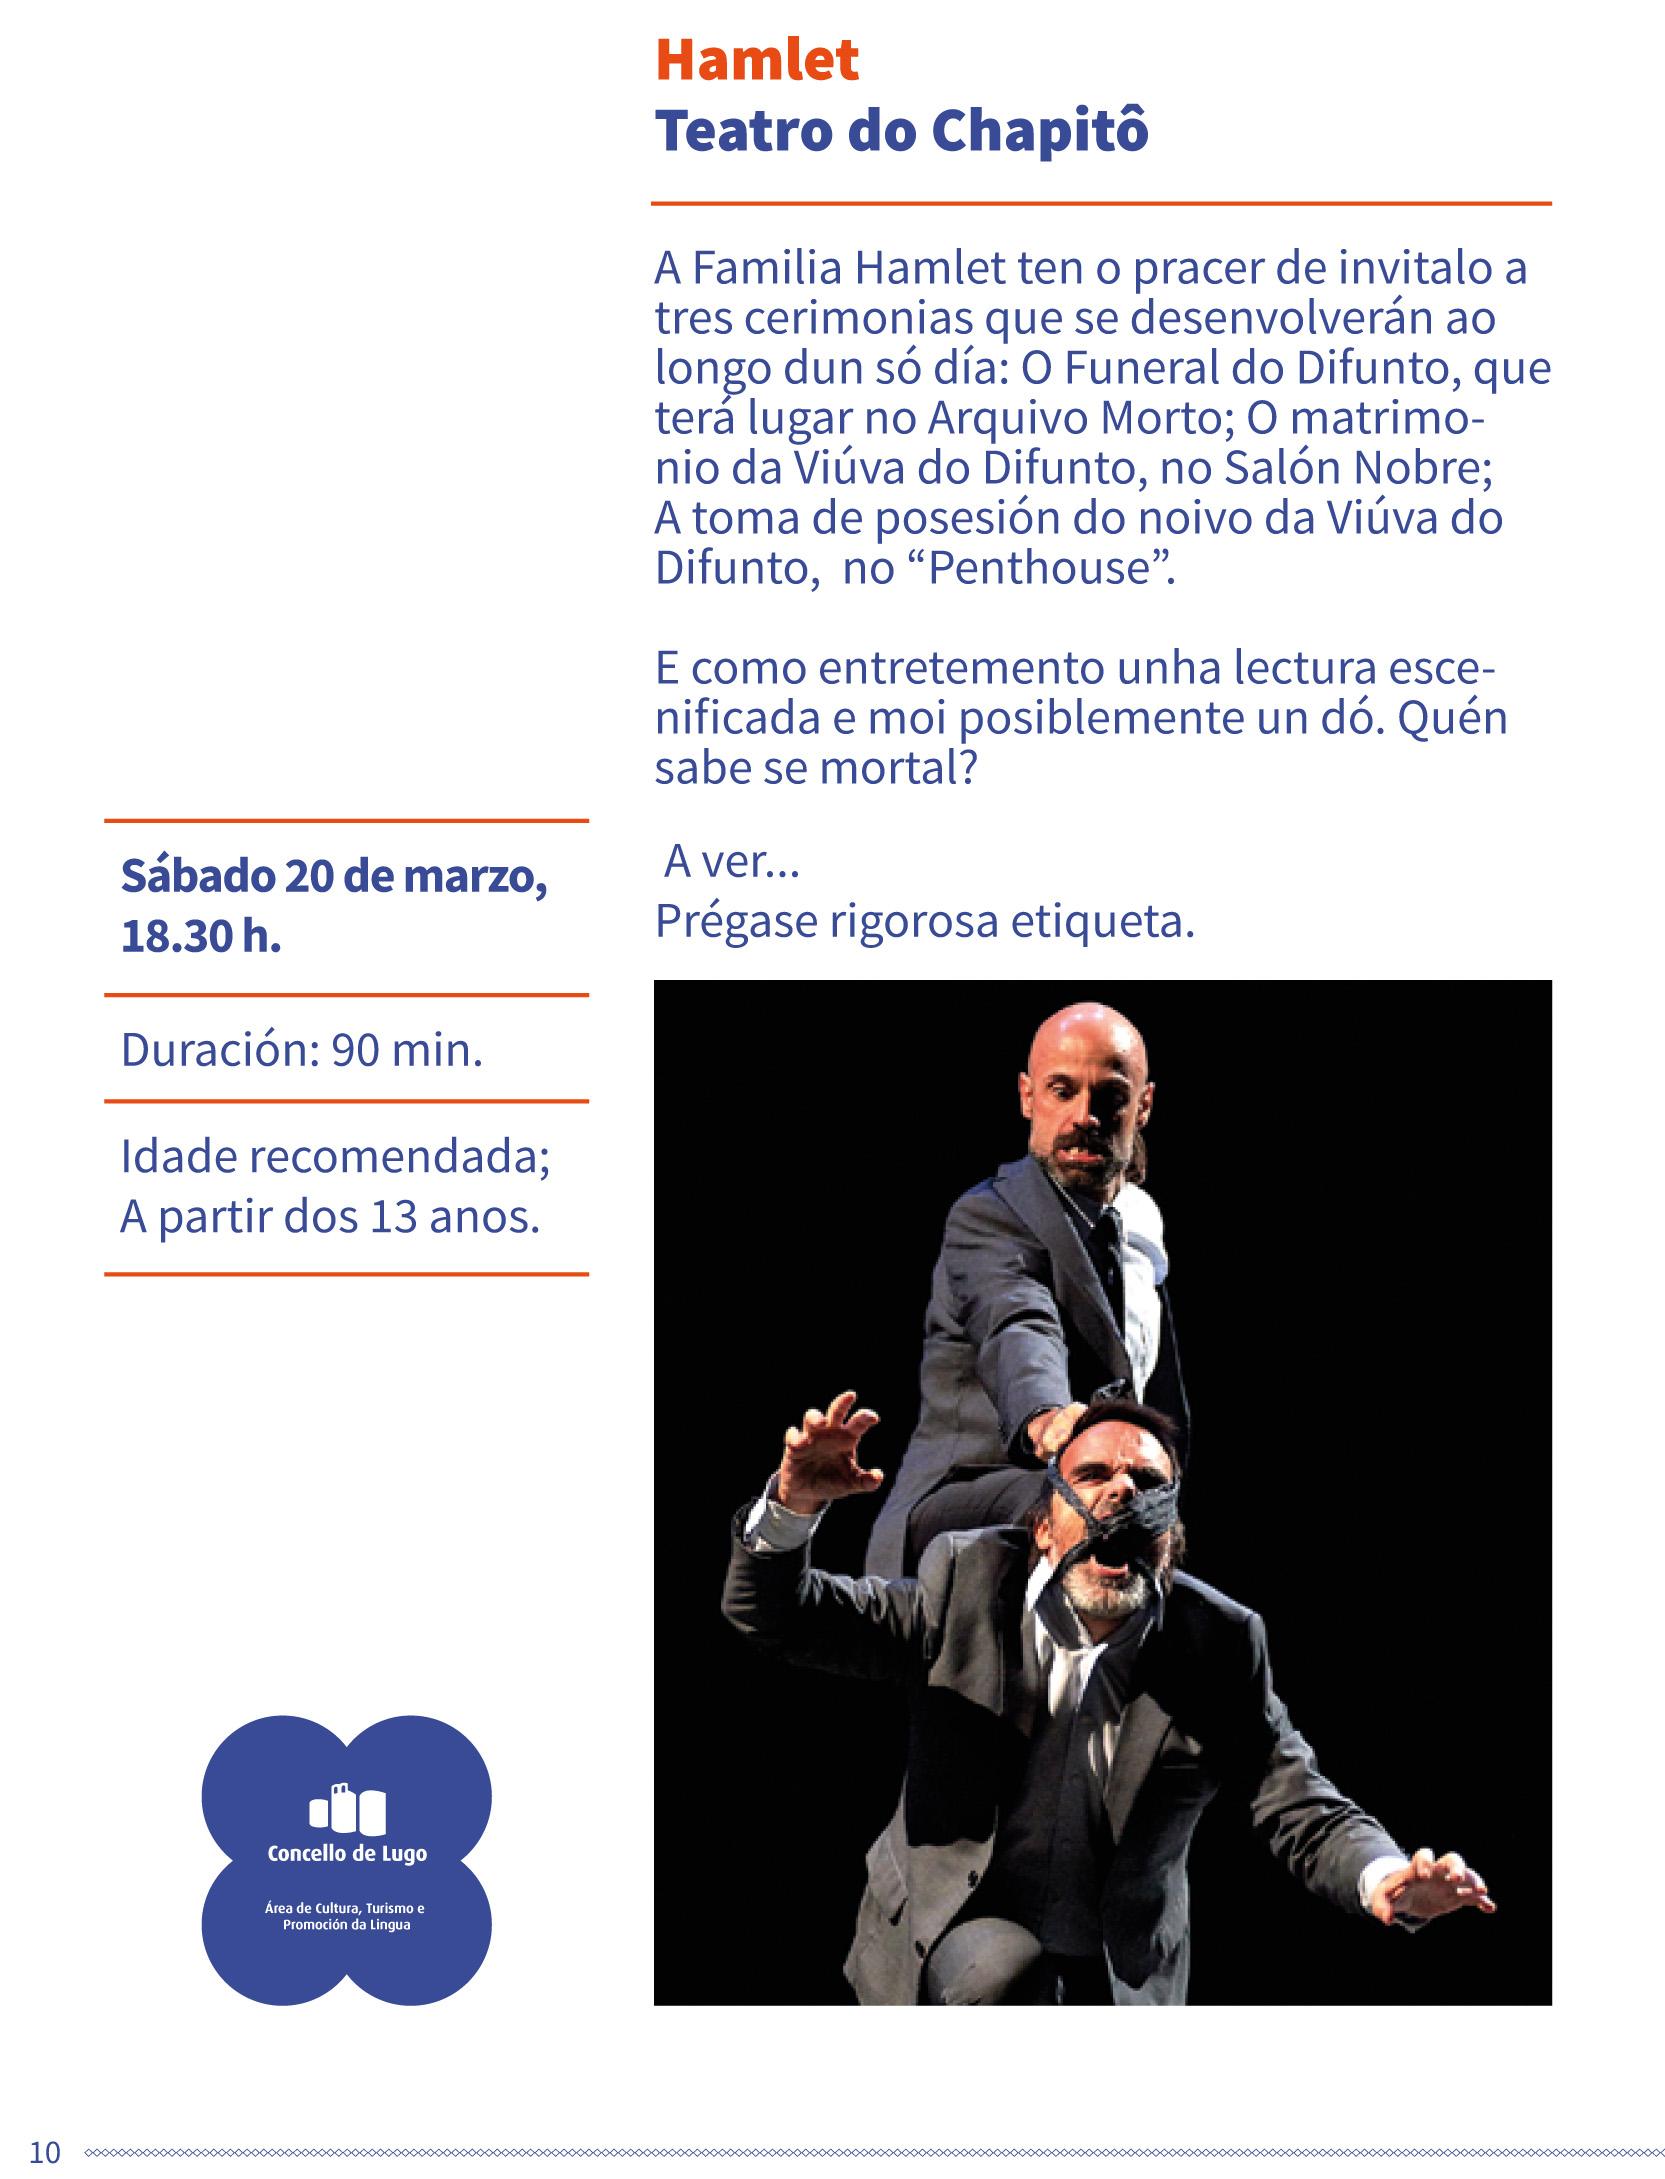 Teatro clásico no Gustavo Freire - Hamlet